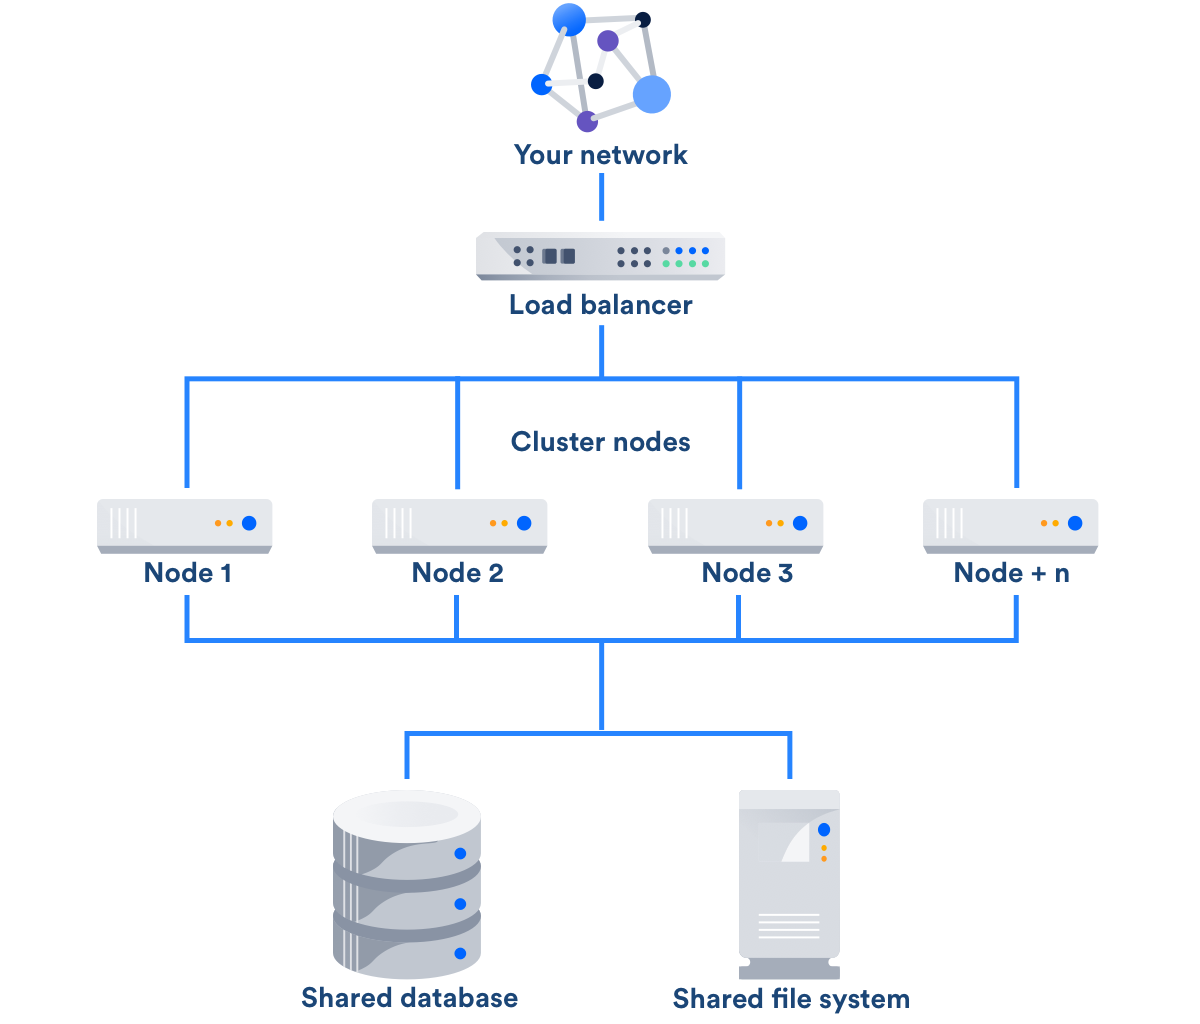 Atlassian Data Center 移行プラン アトラシアン製品ドキュメント